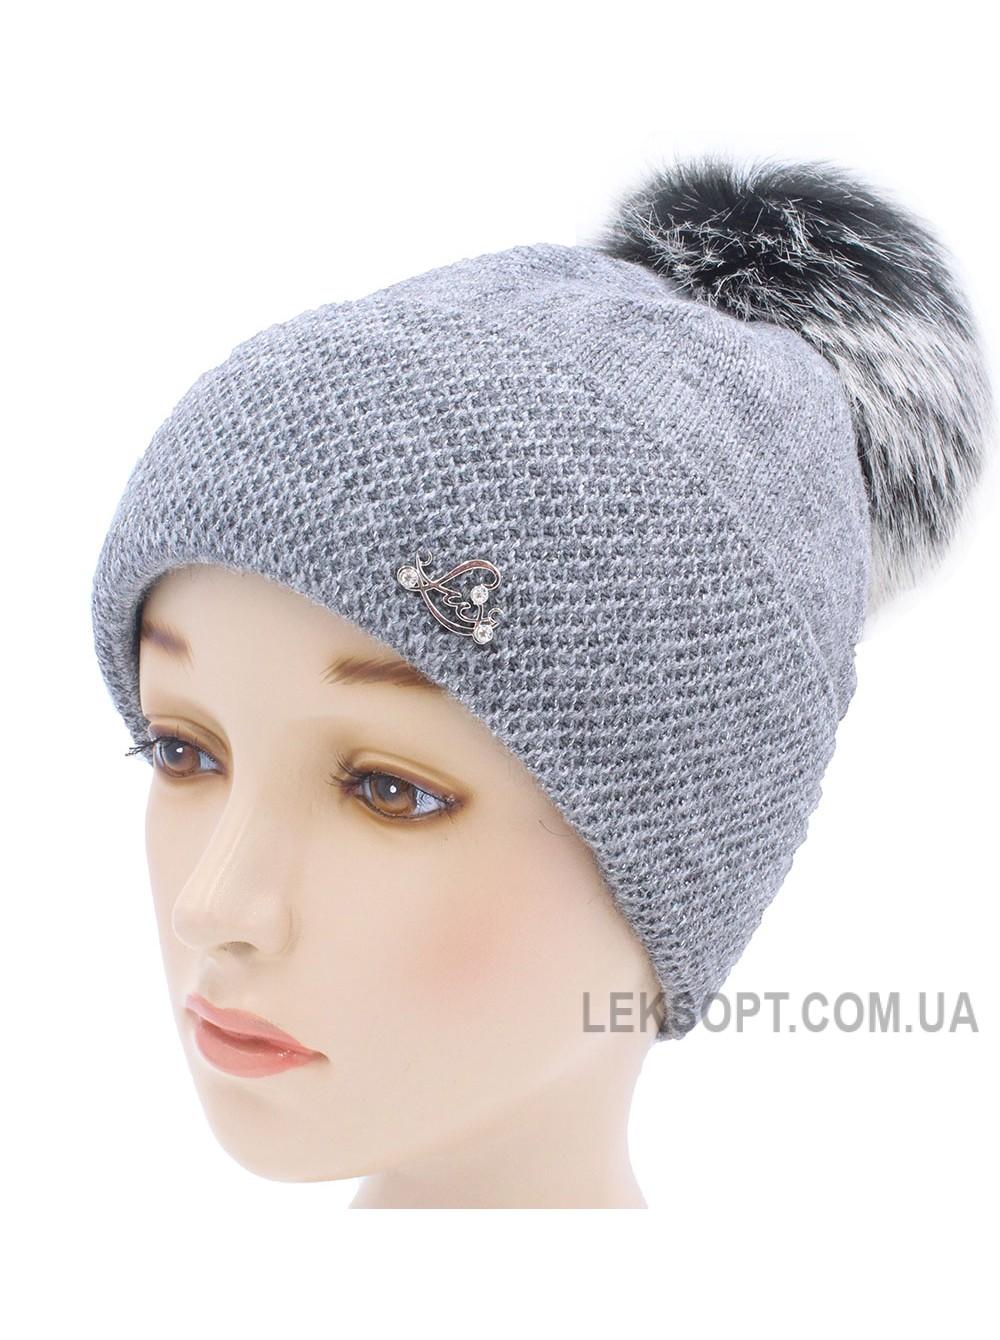 Детская вязаная шапка W22629-52-56